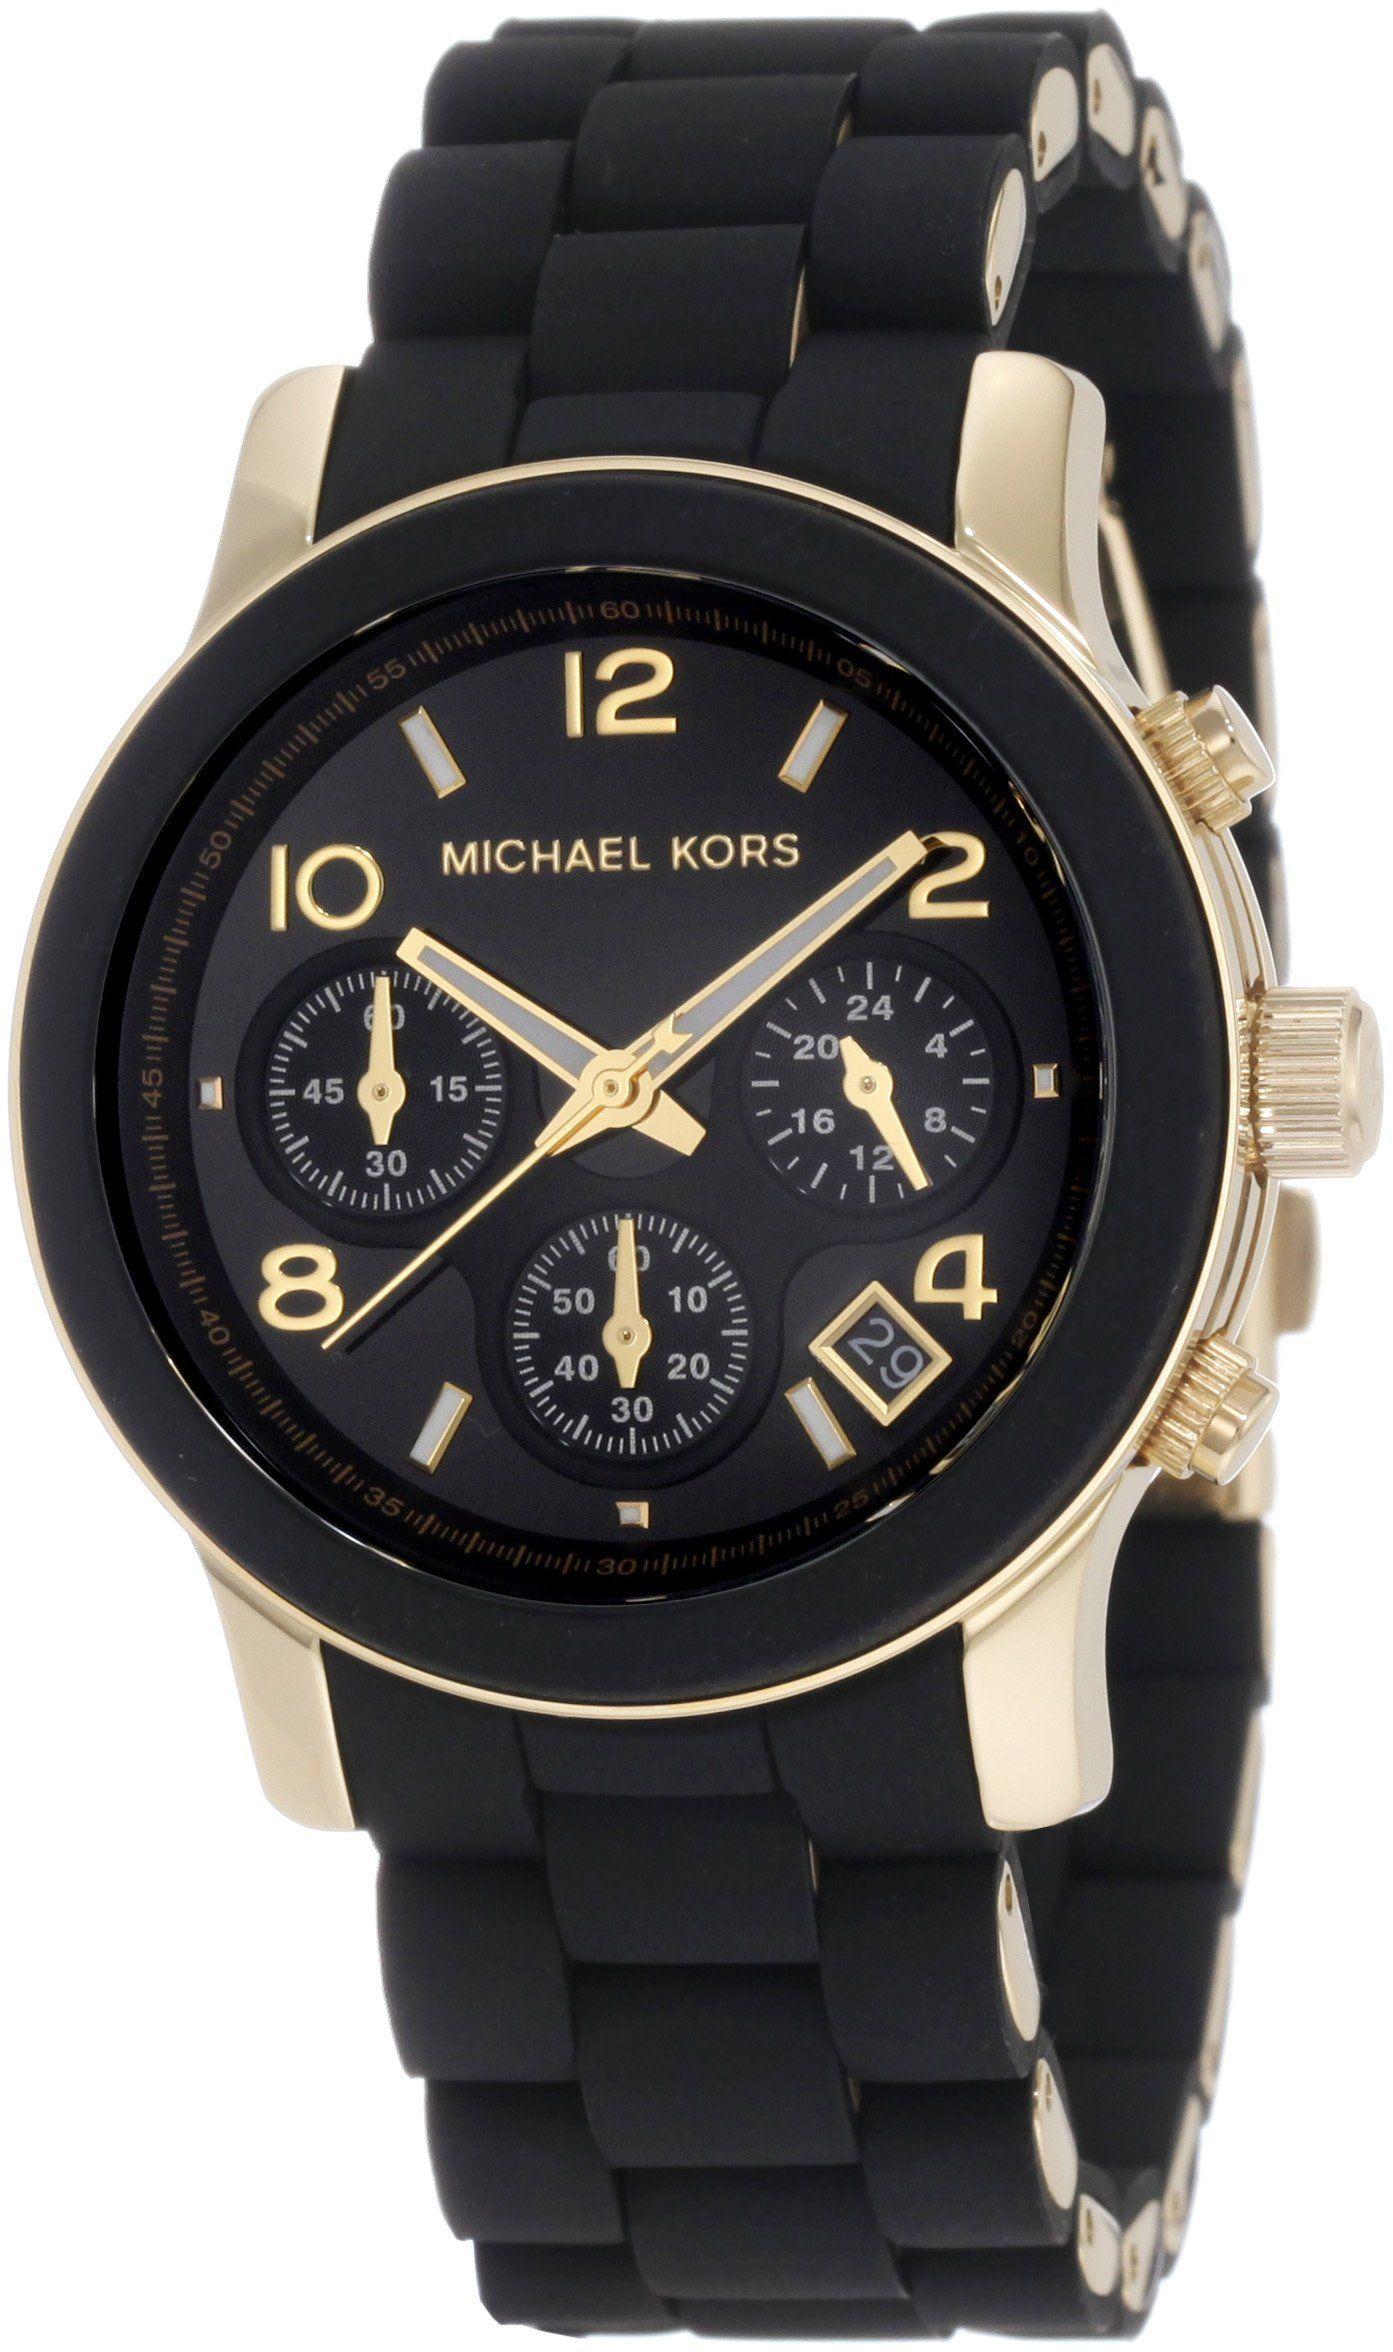 19cc1414bdad MICHAEL KORS MK5191 - Reloj analógico de cuarzo para mujer con correa de  acero inoxidable